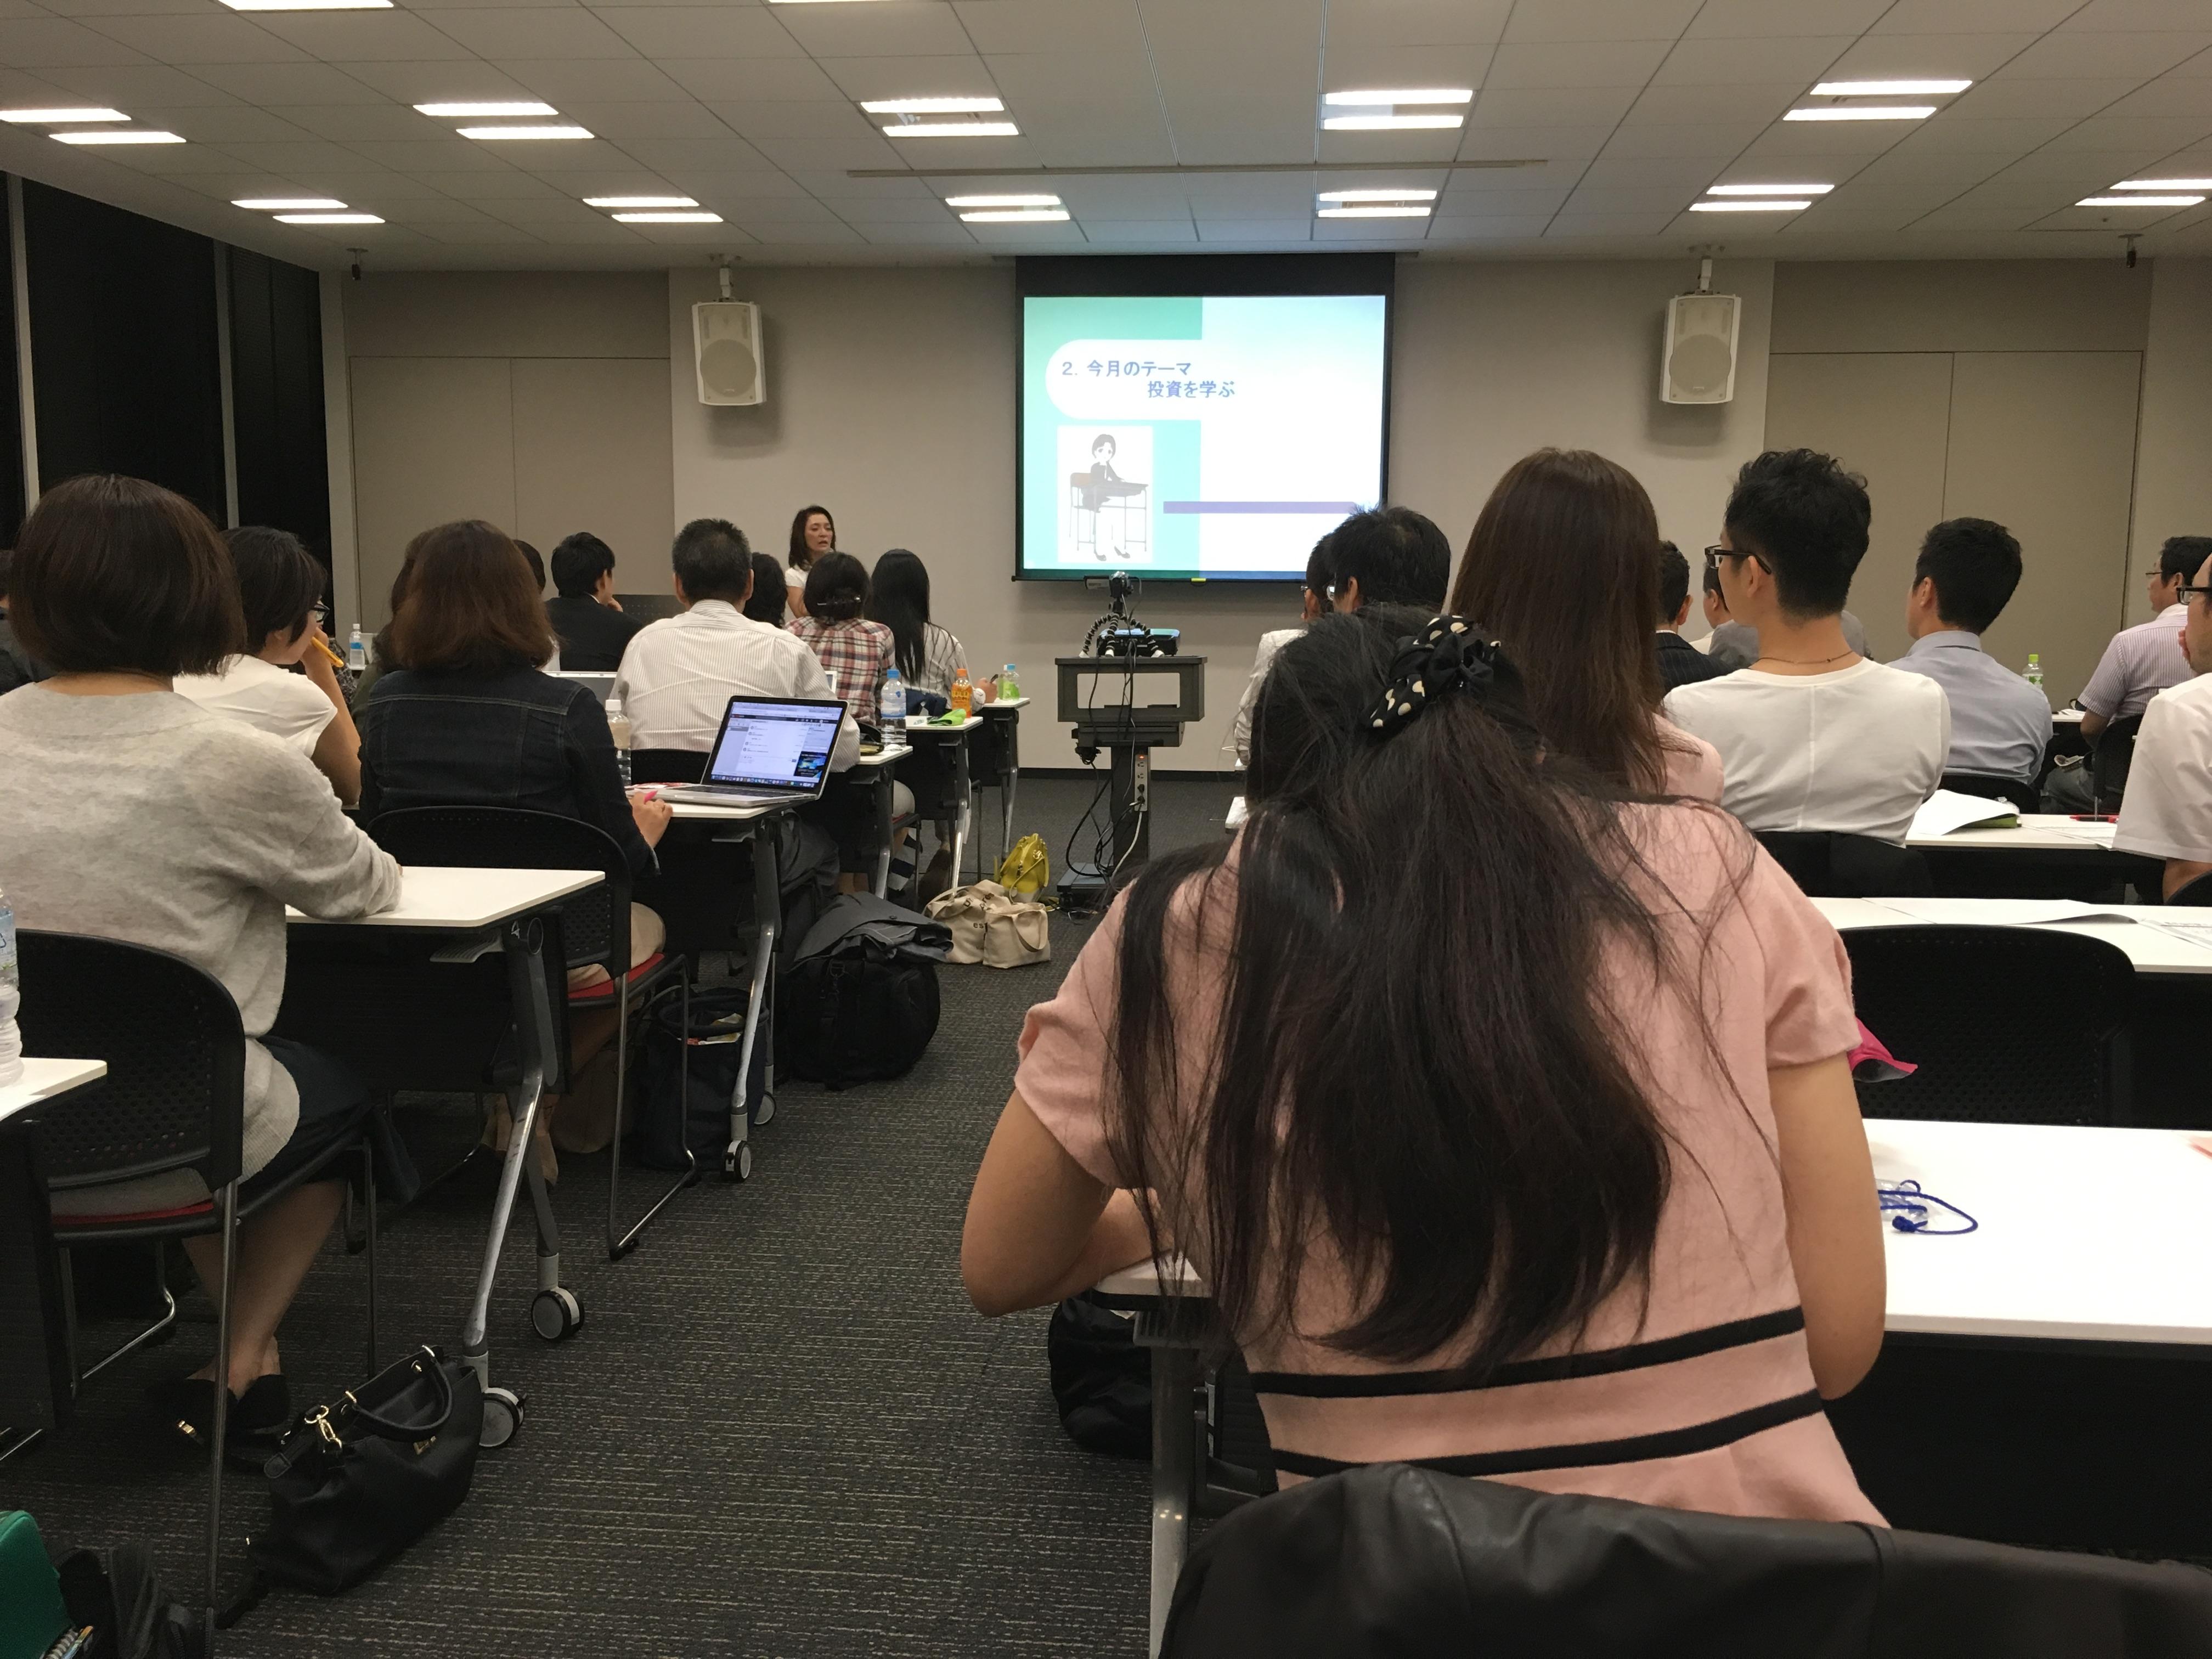 【オフ会】勝間塾月例会「投資を学ぶ」に出席。感想と受講メモ